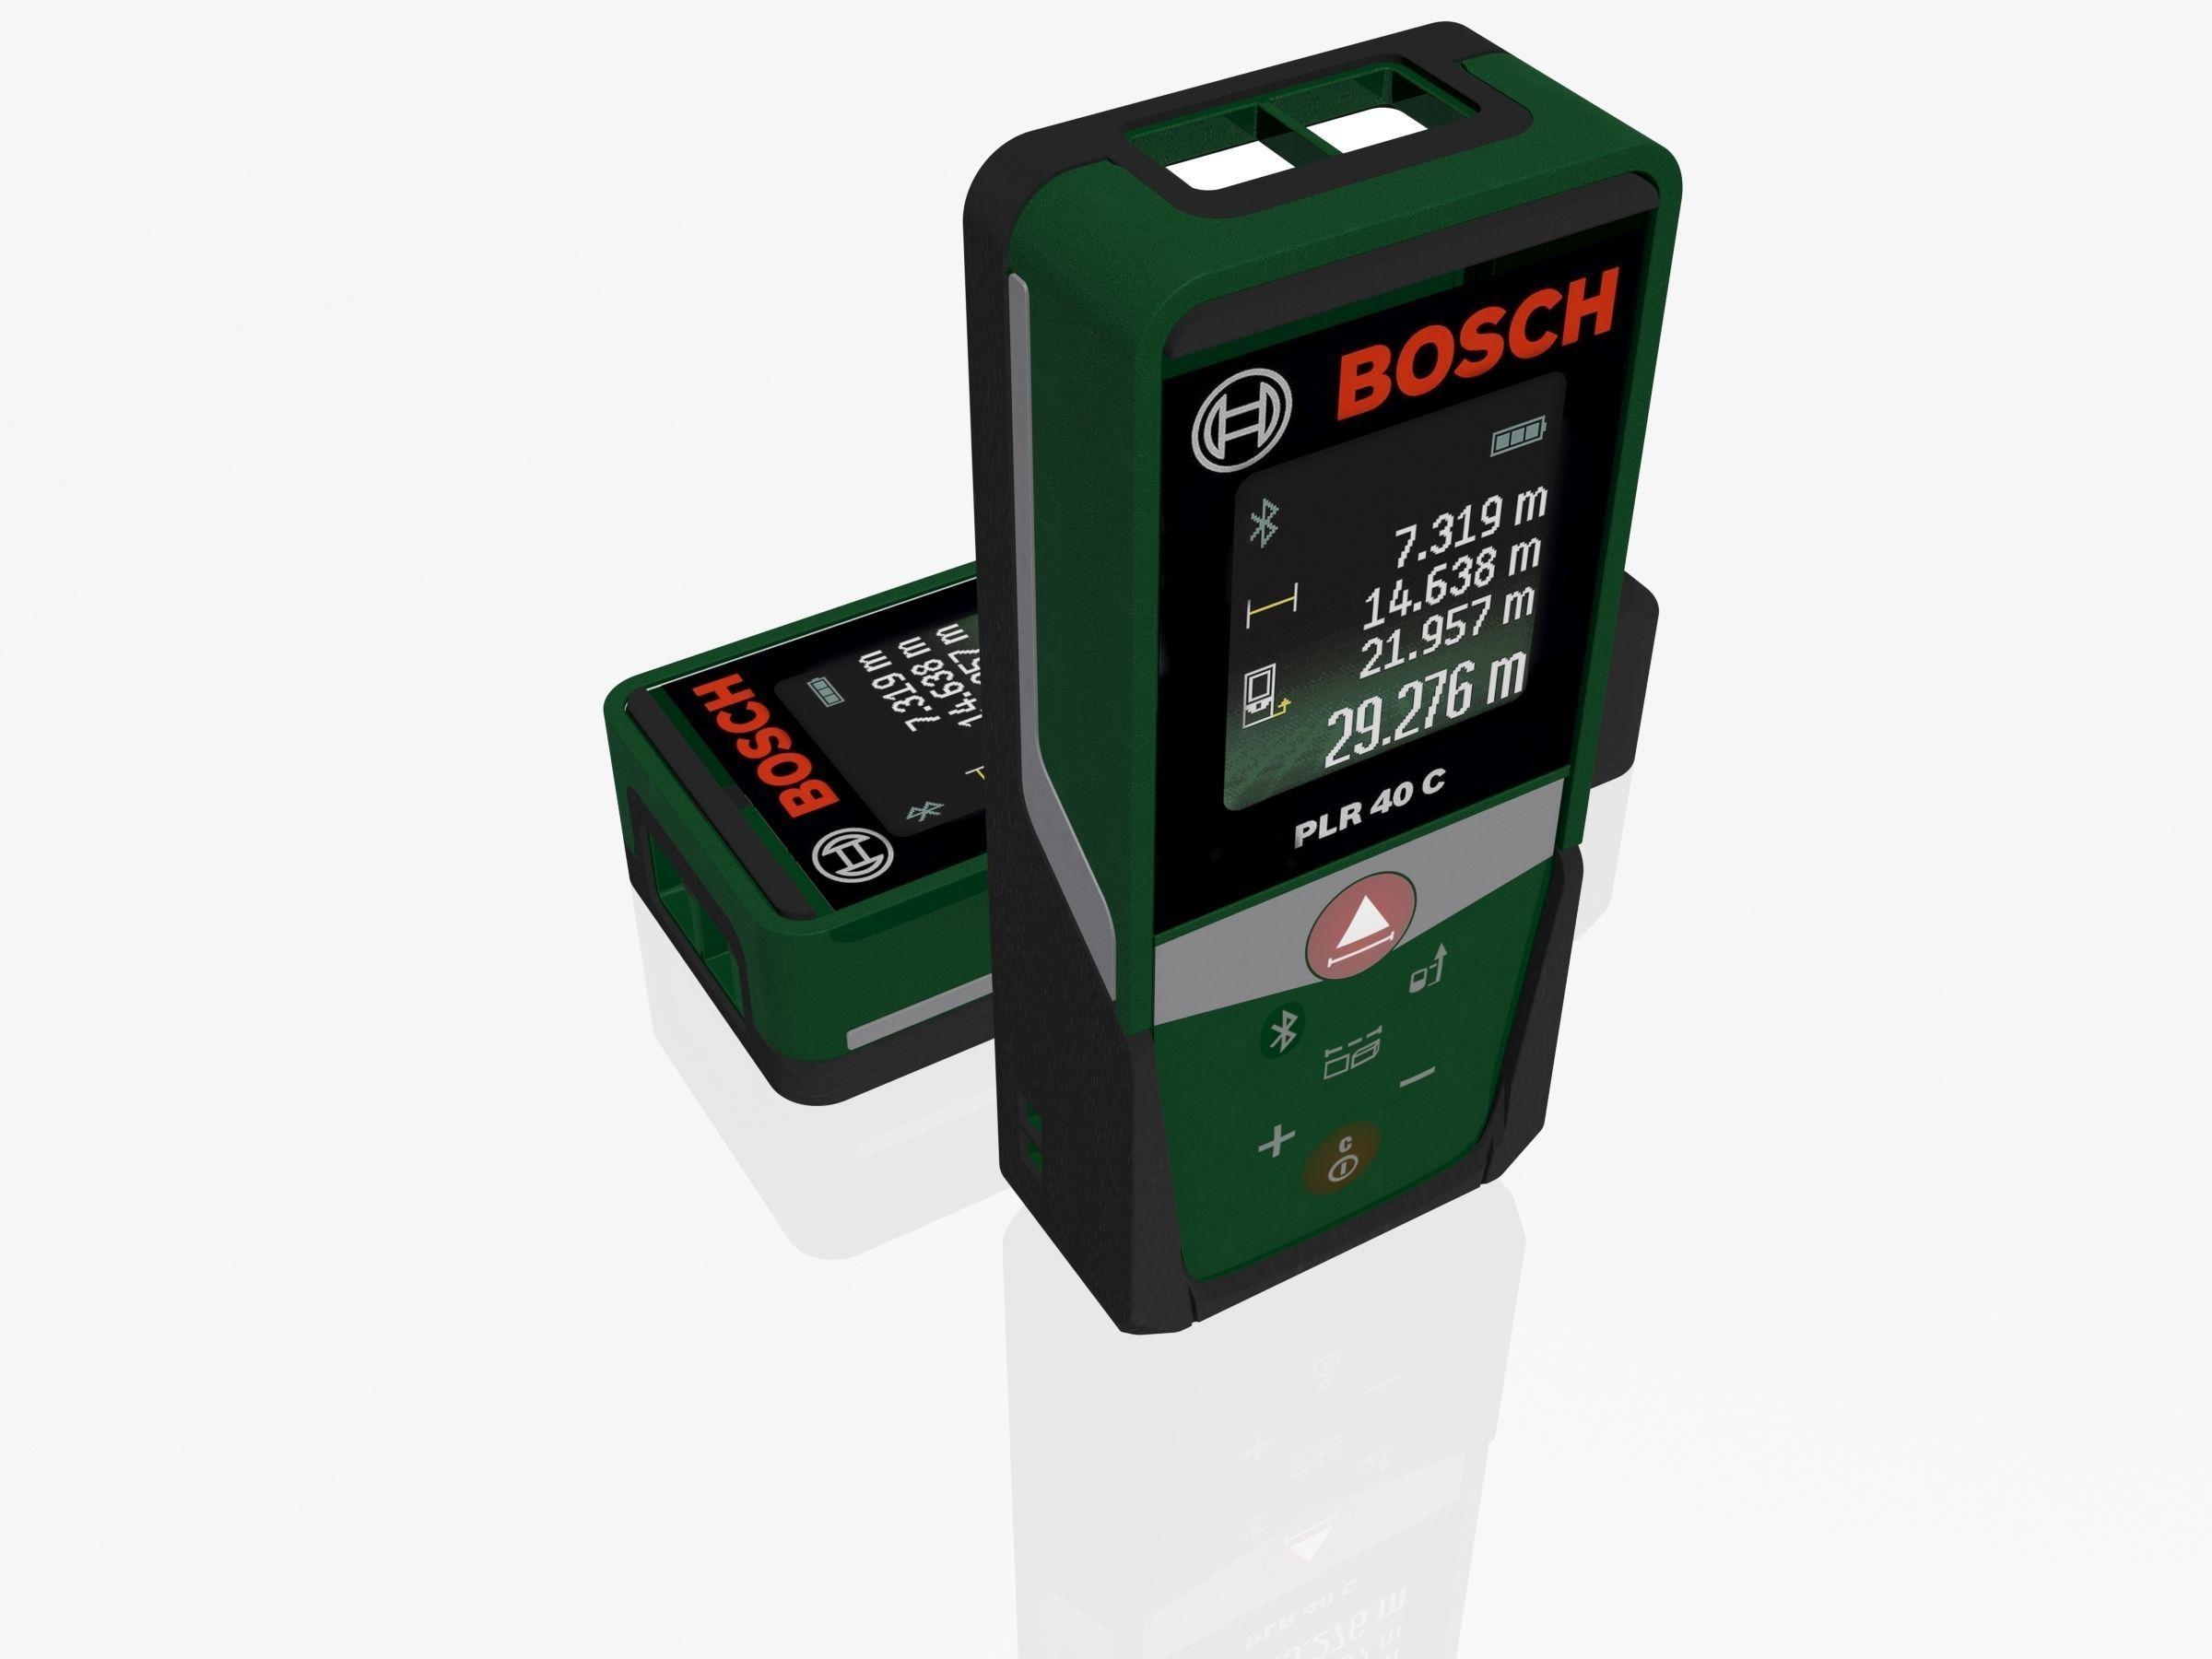 BOSCH PLR 40C - Laser Measurement